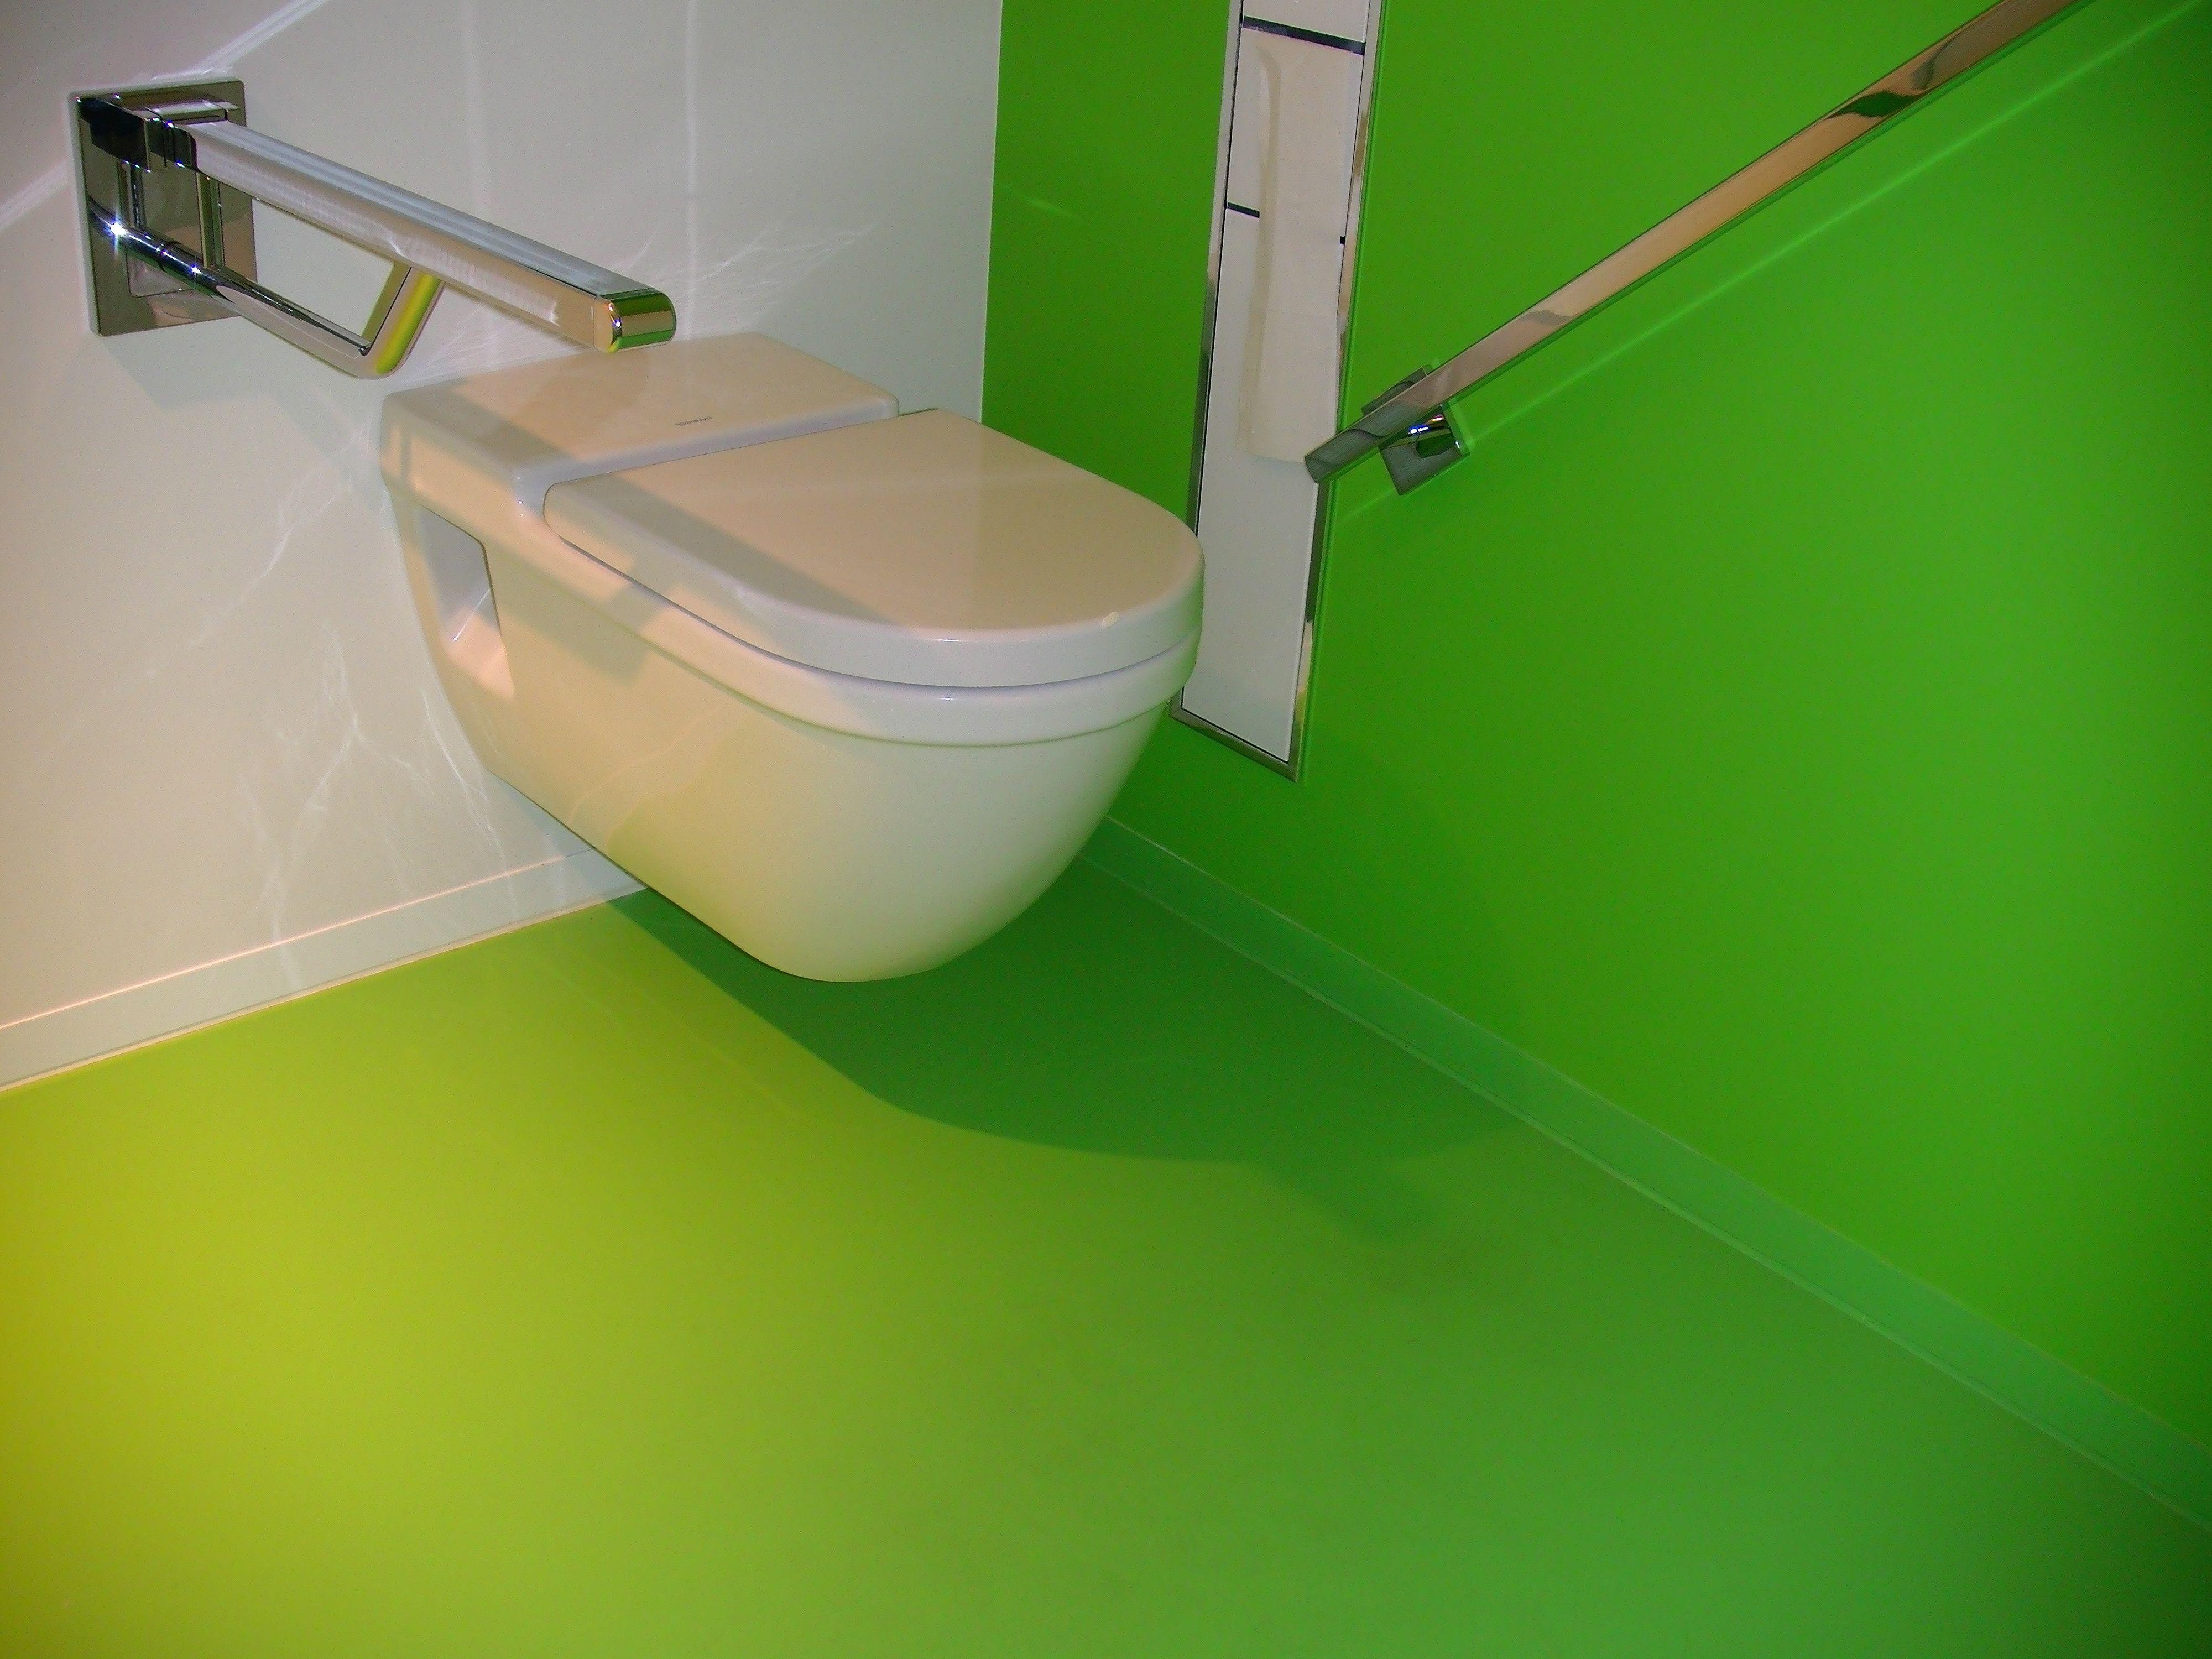 mooi groen is niet lelijk groene gietvloeren op het invalide